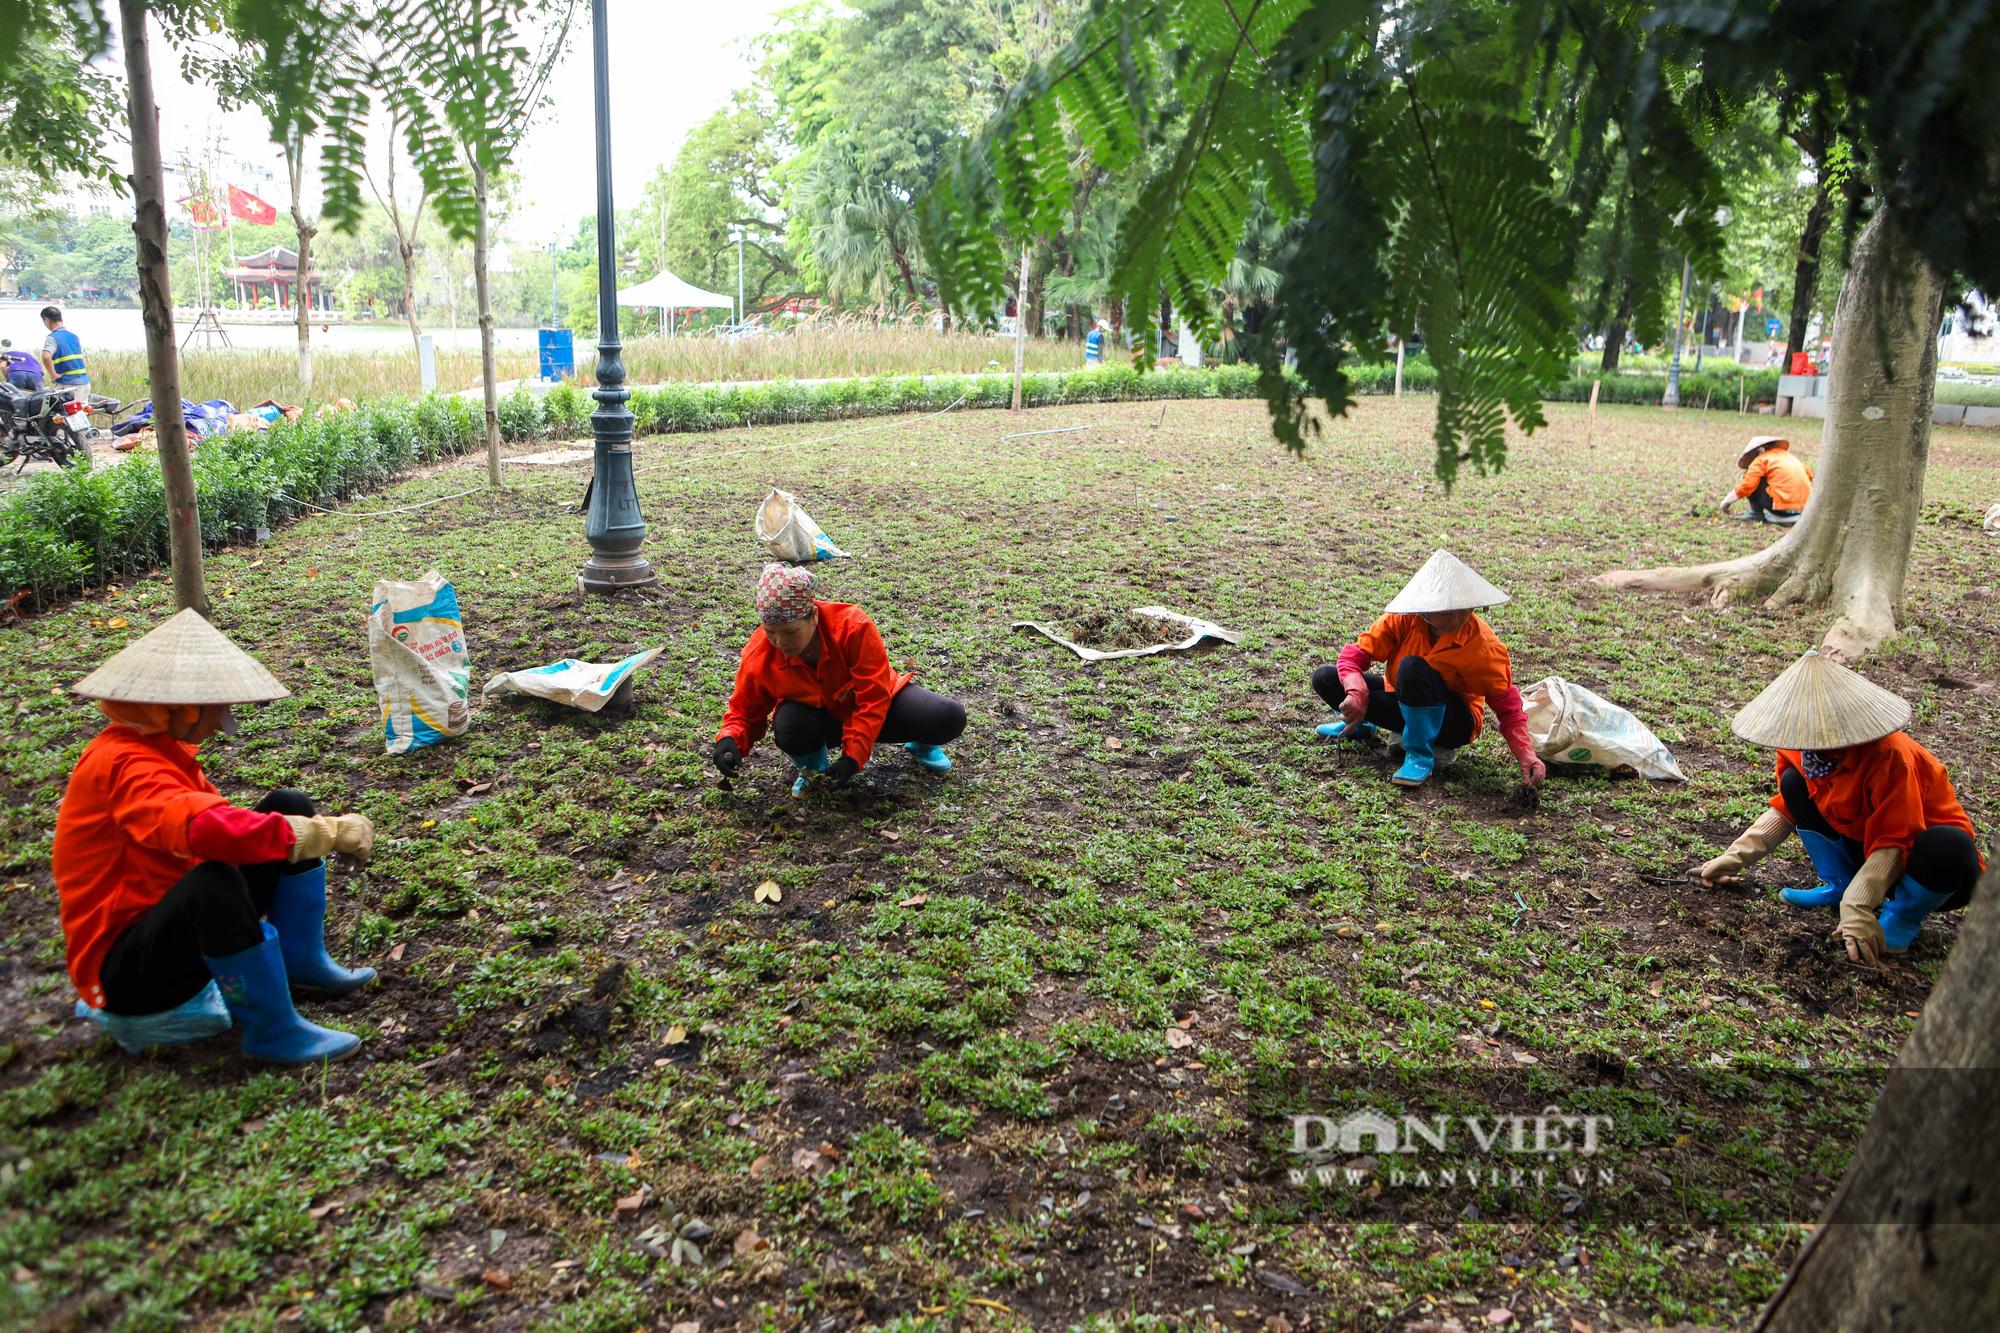 Chiêm ngưỡng vườn hoa mới đẹp ngỡ ngàng bên bờ hồ Hoàn Kiếm  - Ảnh 9.